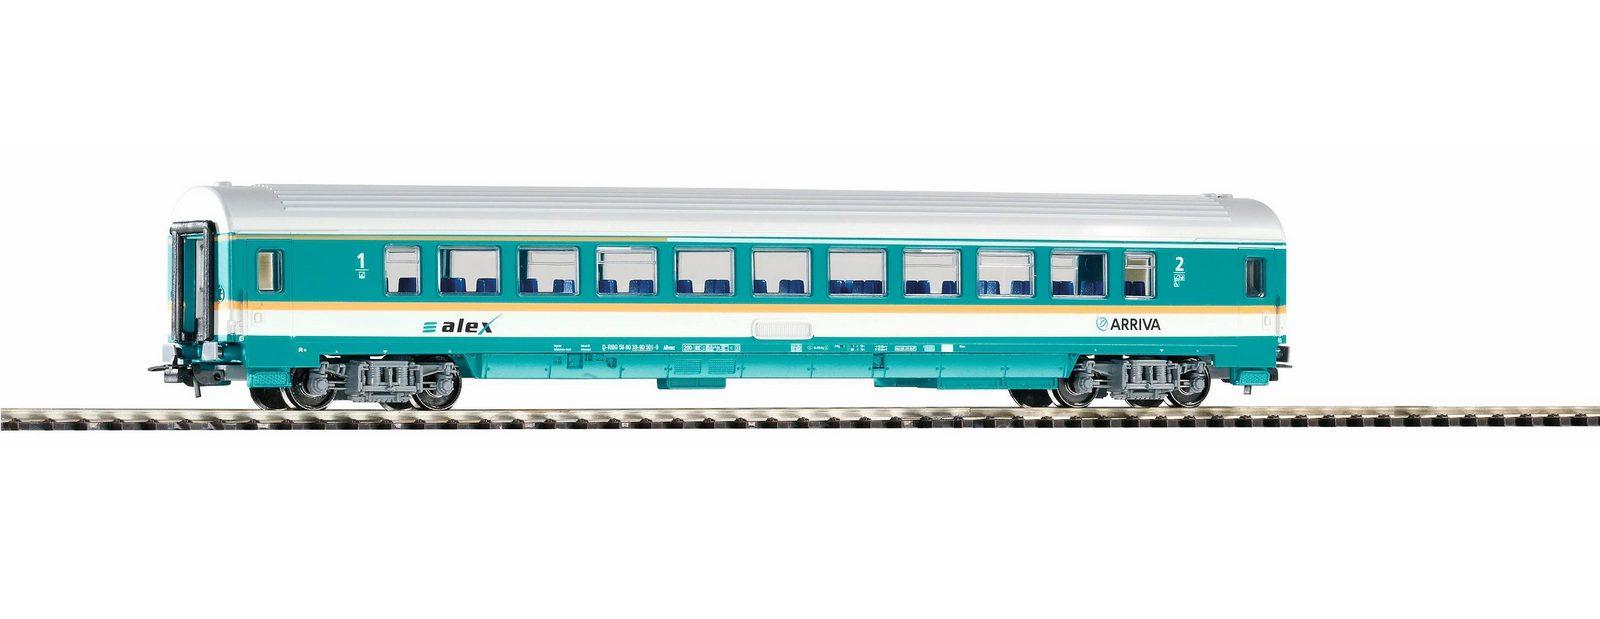 PIKO Personenwagen, »Waggon Arriva 1./2. Klasse - Gleichstrom« Spur H0 - broschei